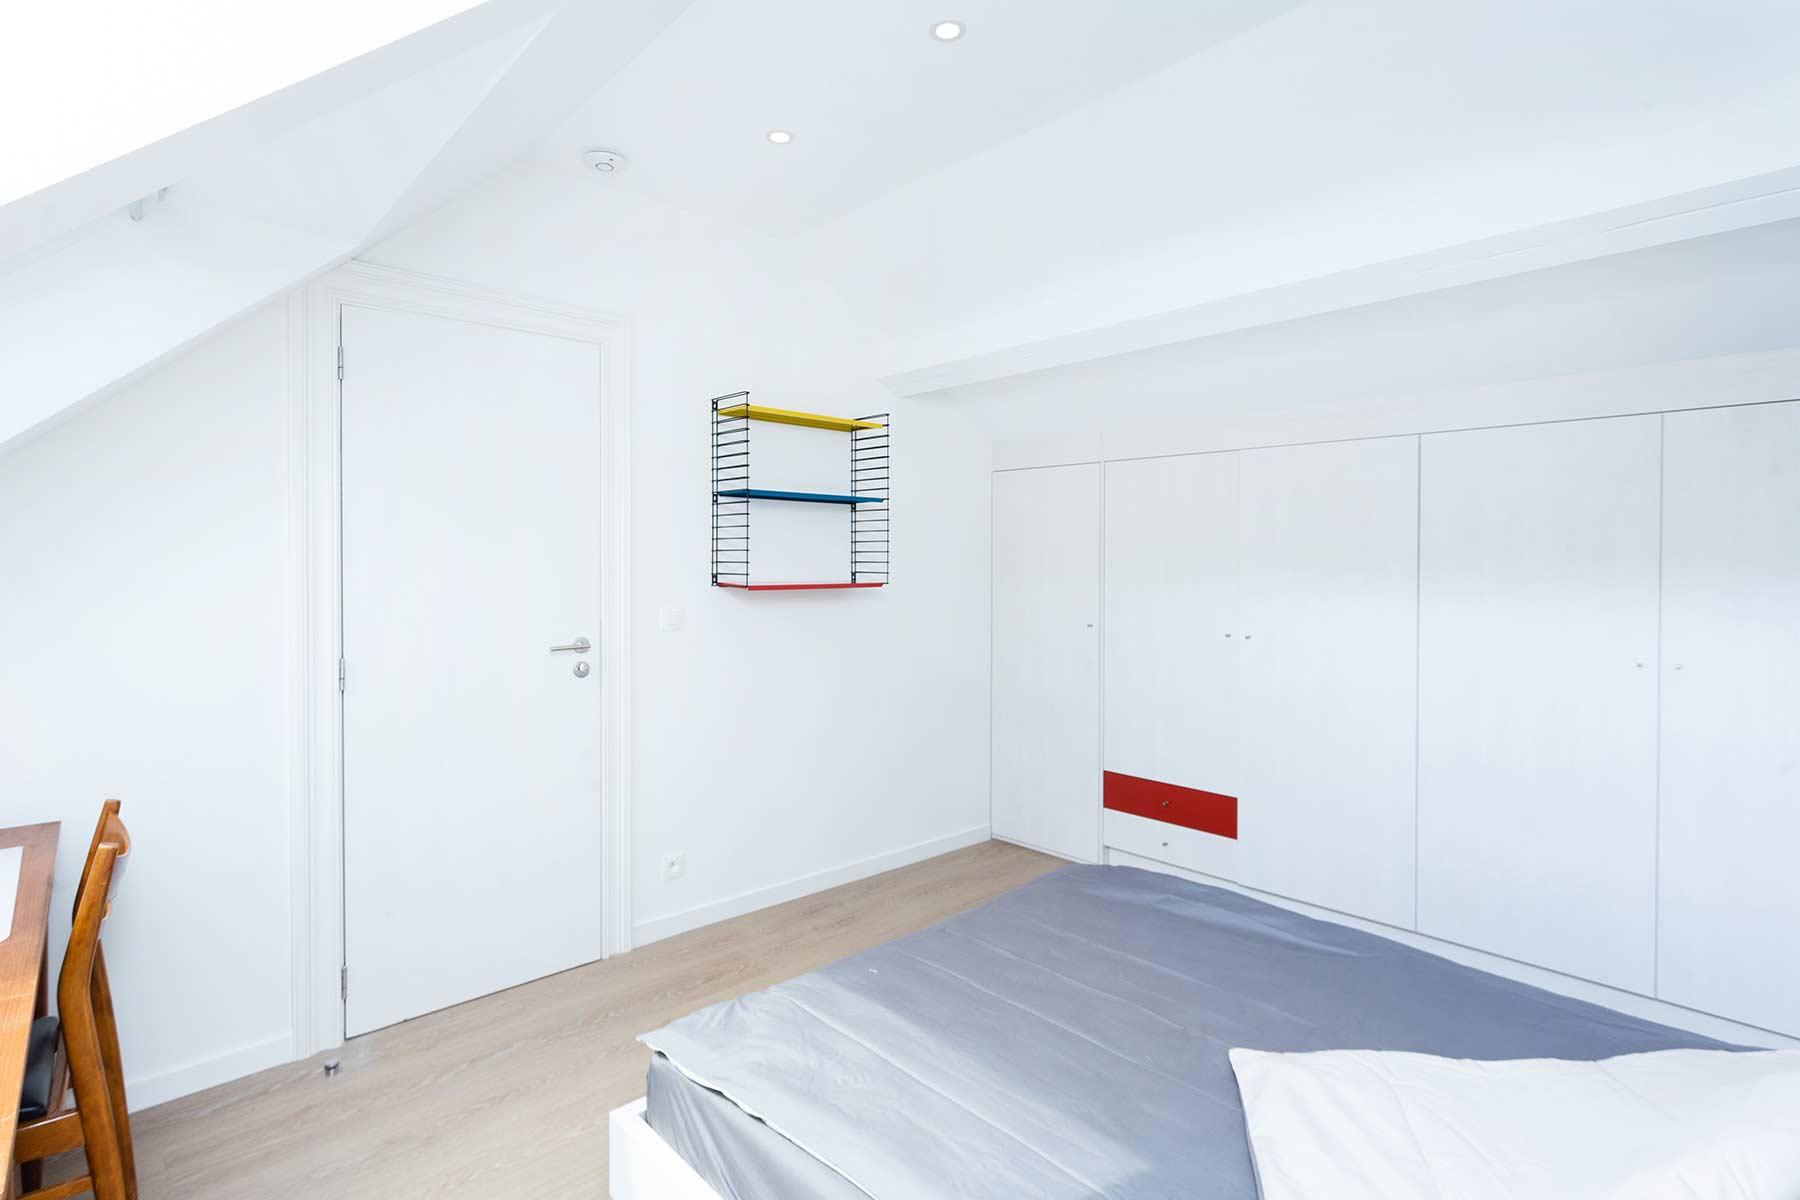 chambre meublée 1 personne 3eme étage maison Roomy Bruxelles